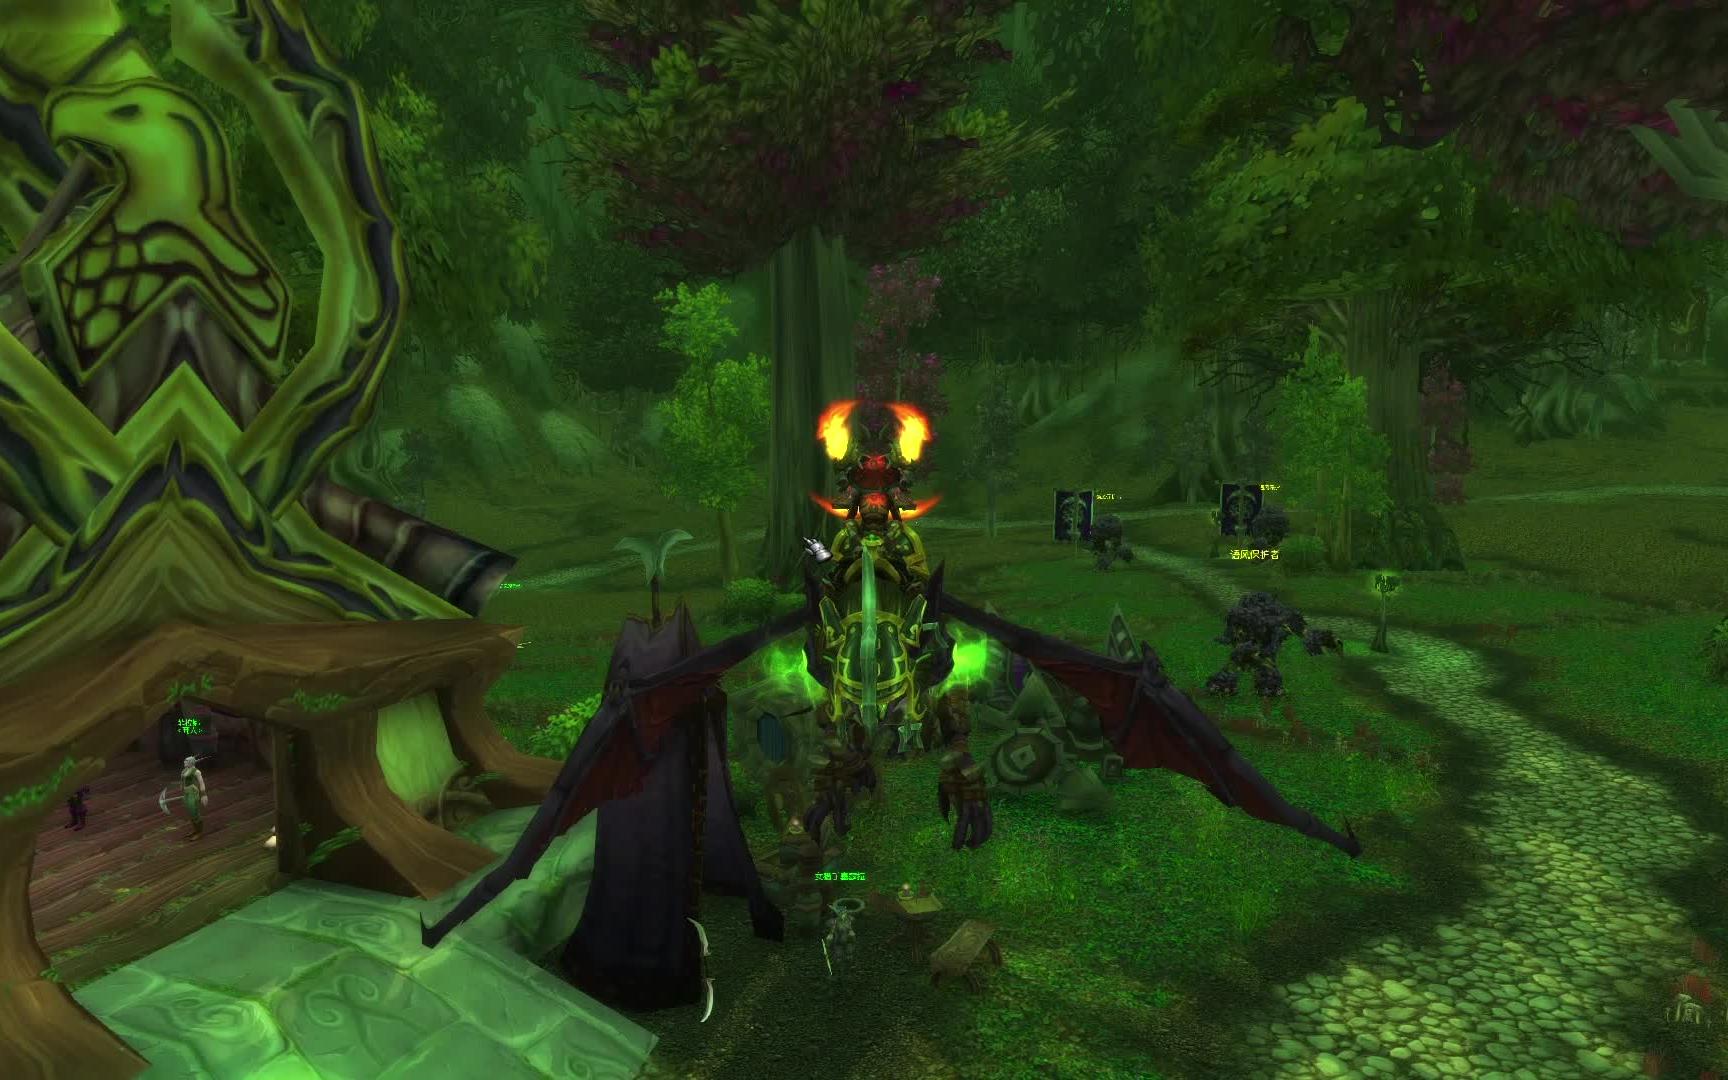 【魔兽世界】经典任务线之费伍德森林篇--魔兽争霸3相关